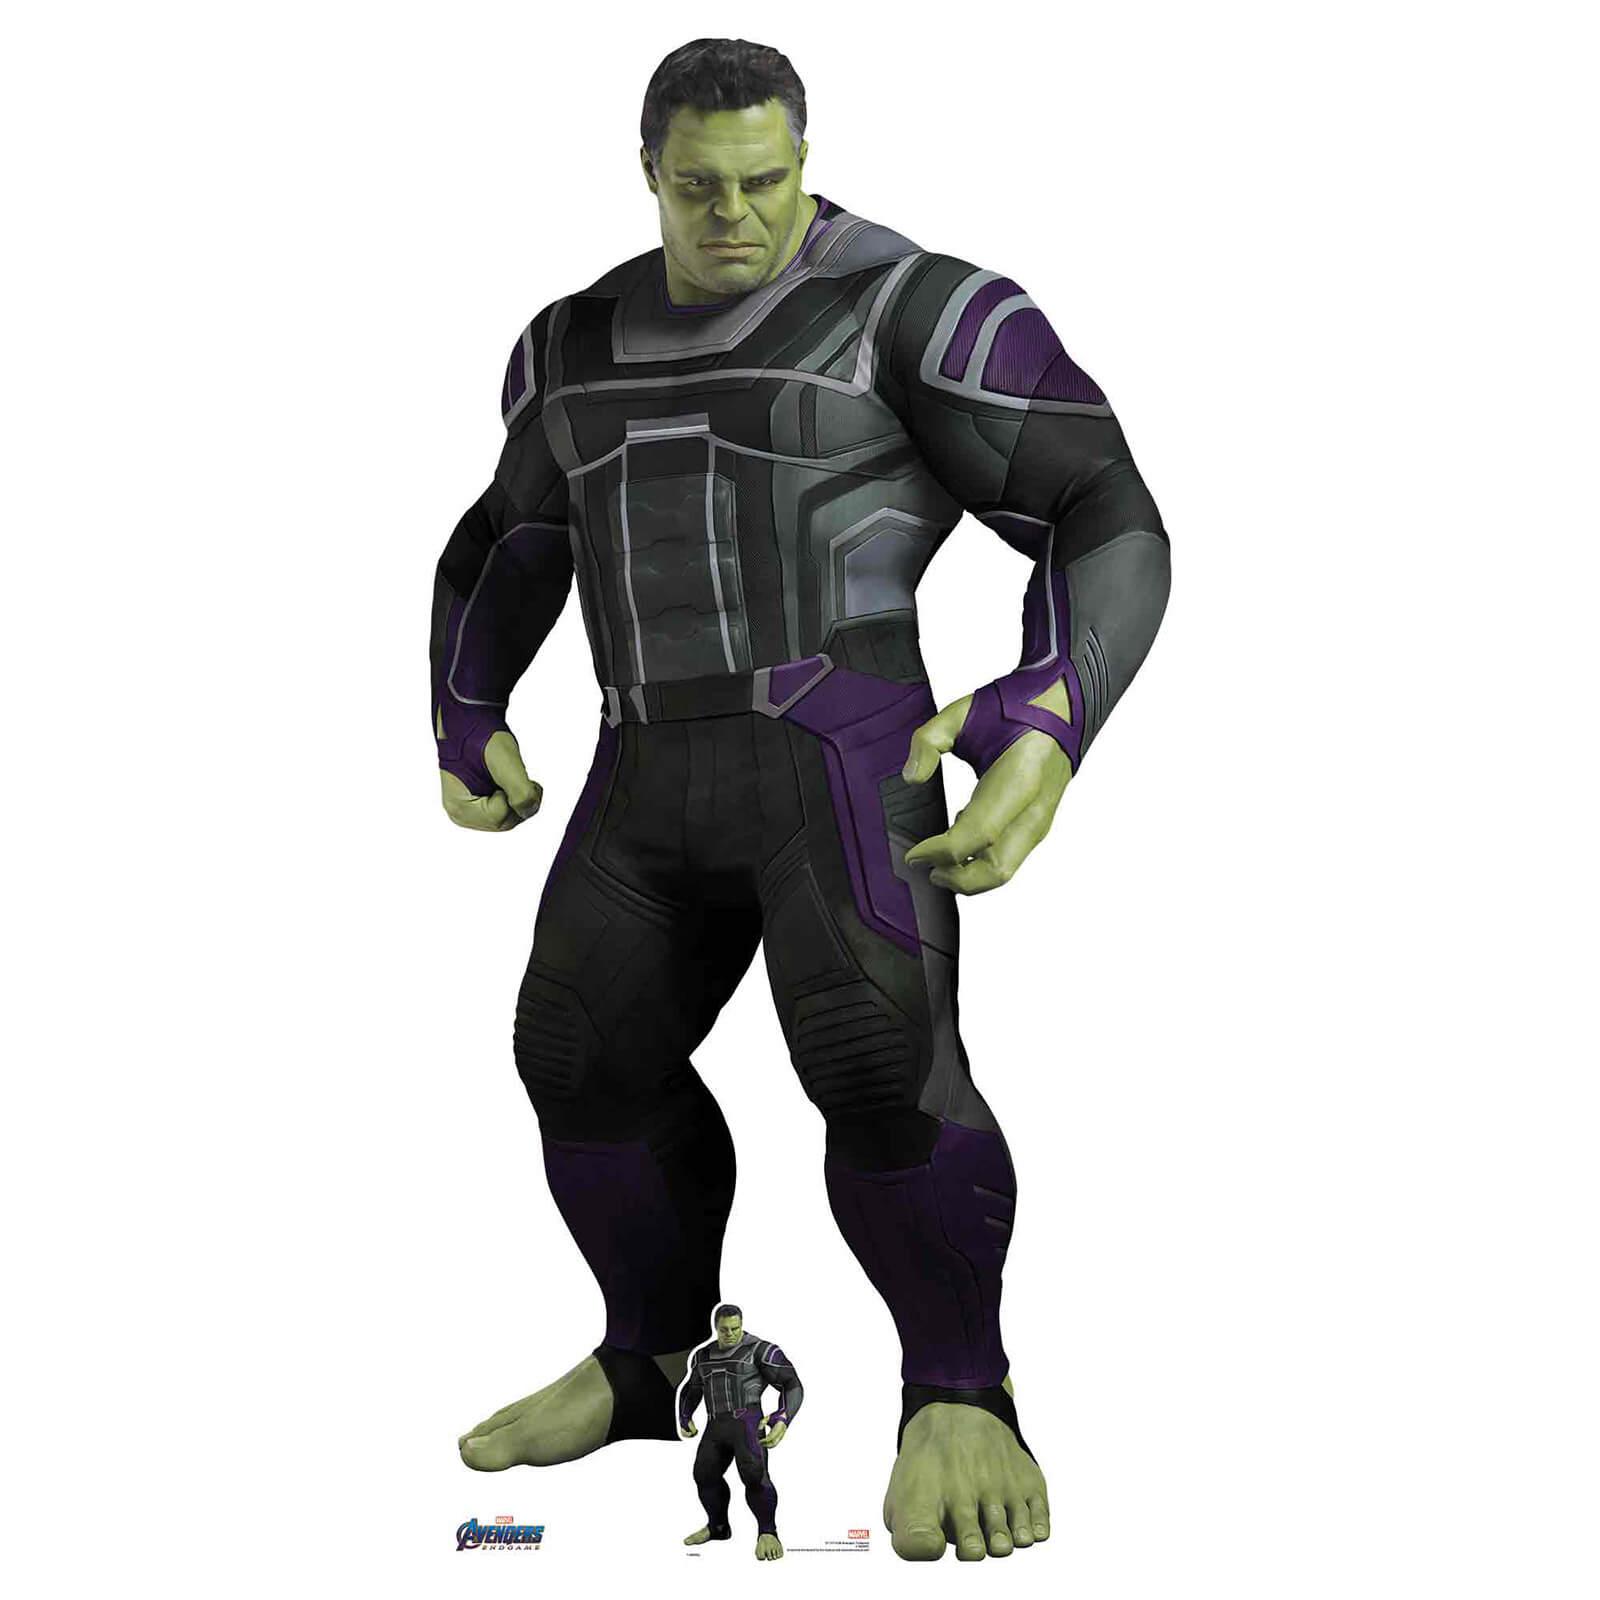 Image of Marvel Hulk Avengers Endgame (Mark Ruffalo) Life Size Cut-Out